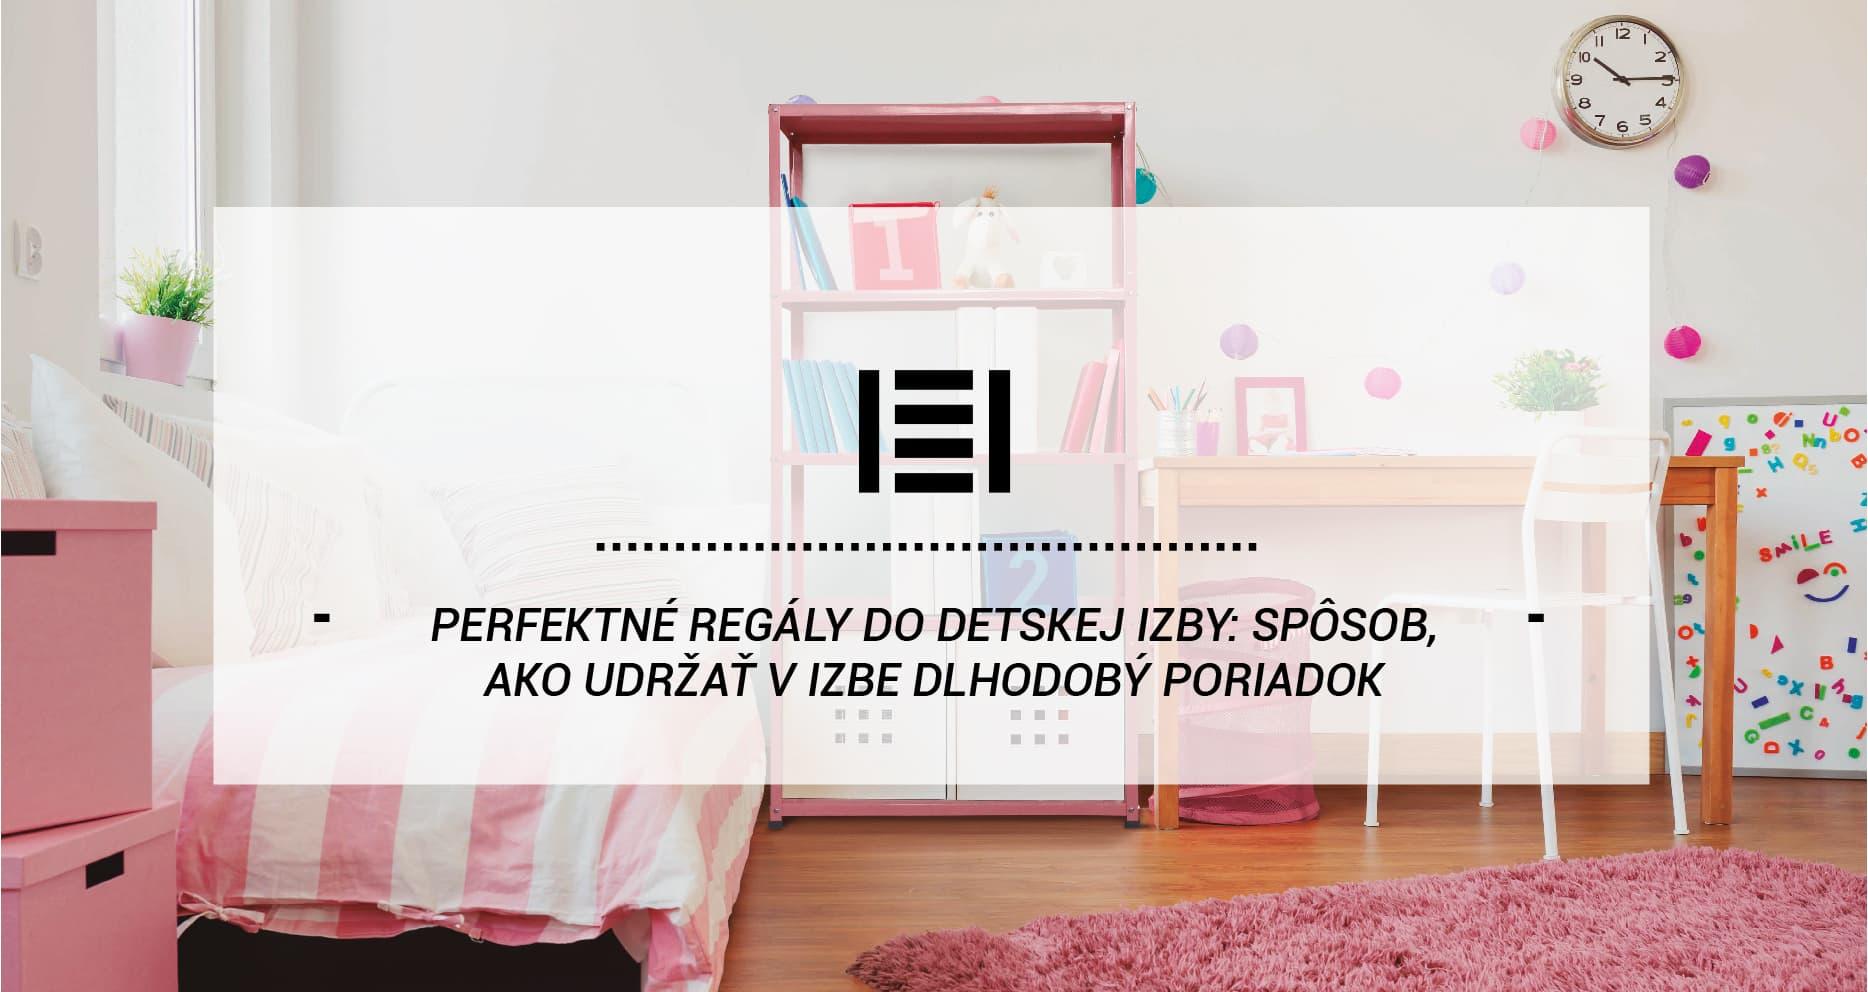 Perfektné regály do detskej izby: Spôsob, ako udržať v izbe dlhodobý poriadok